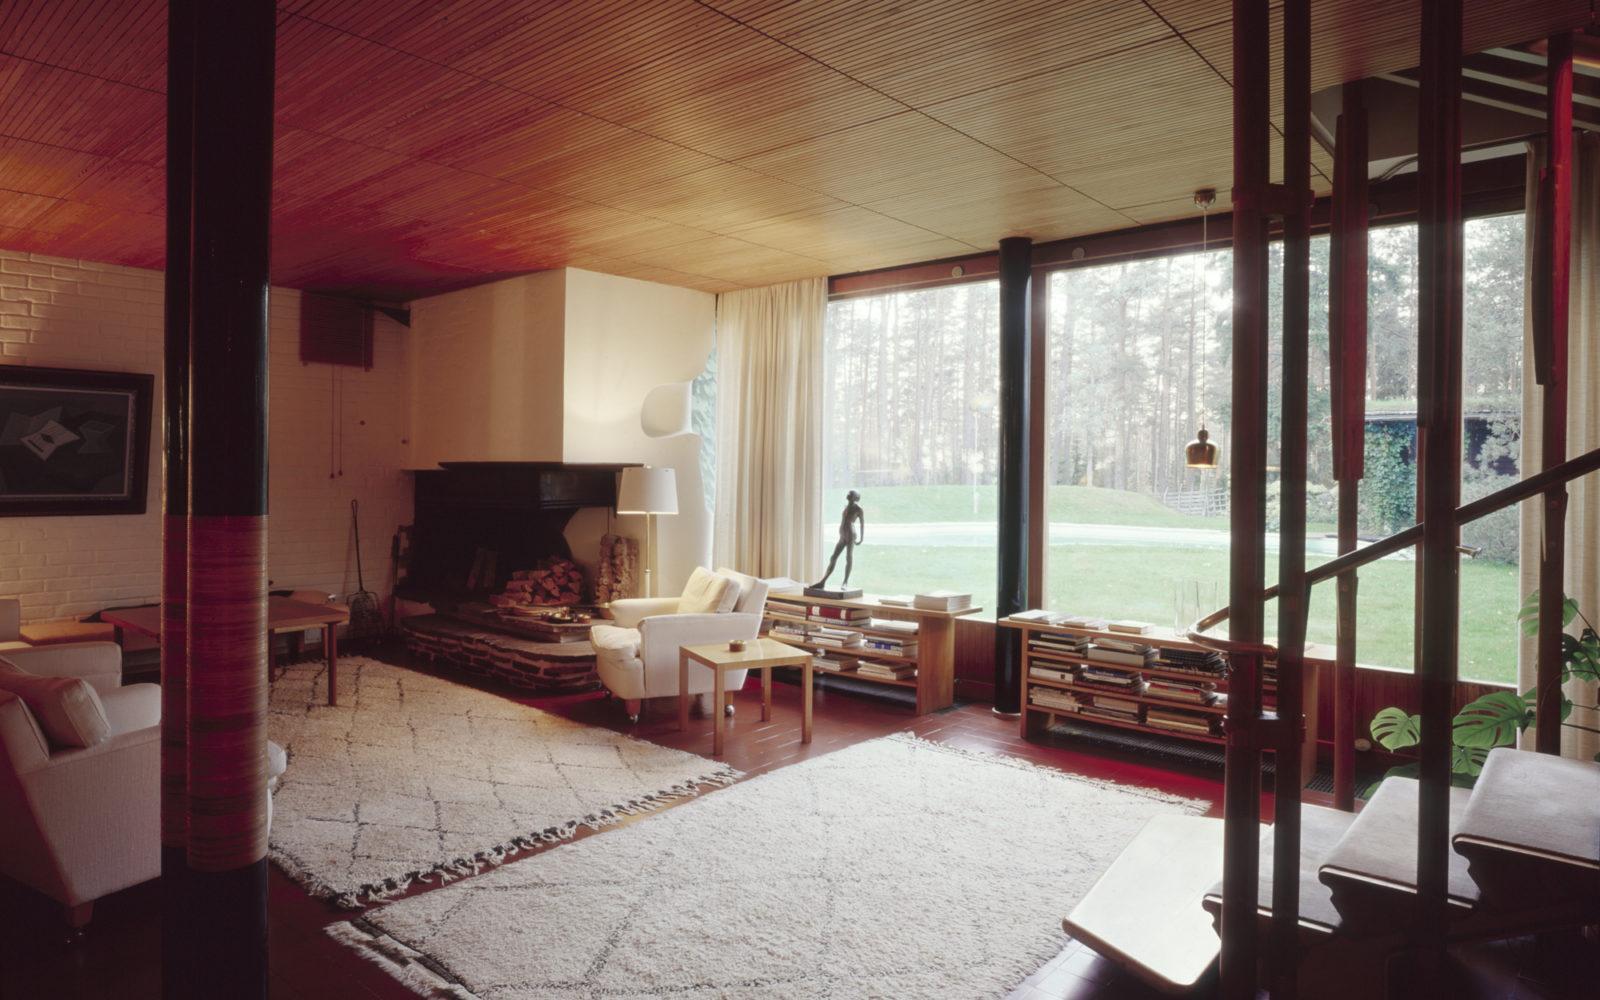 Villa-Mairea-Noormarkku-1939-living-room-photo-maija-holma-alvar-aalto-museum_av 1982